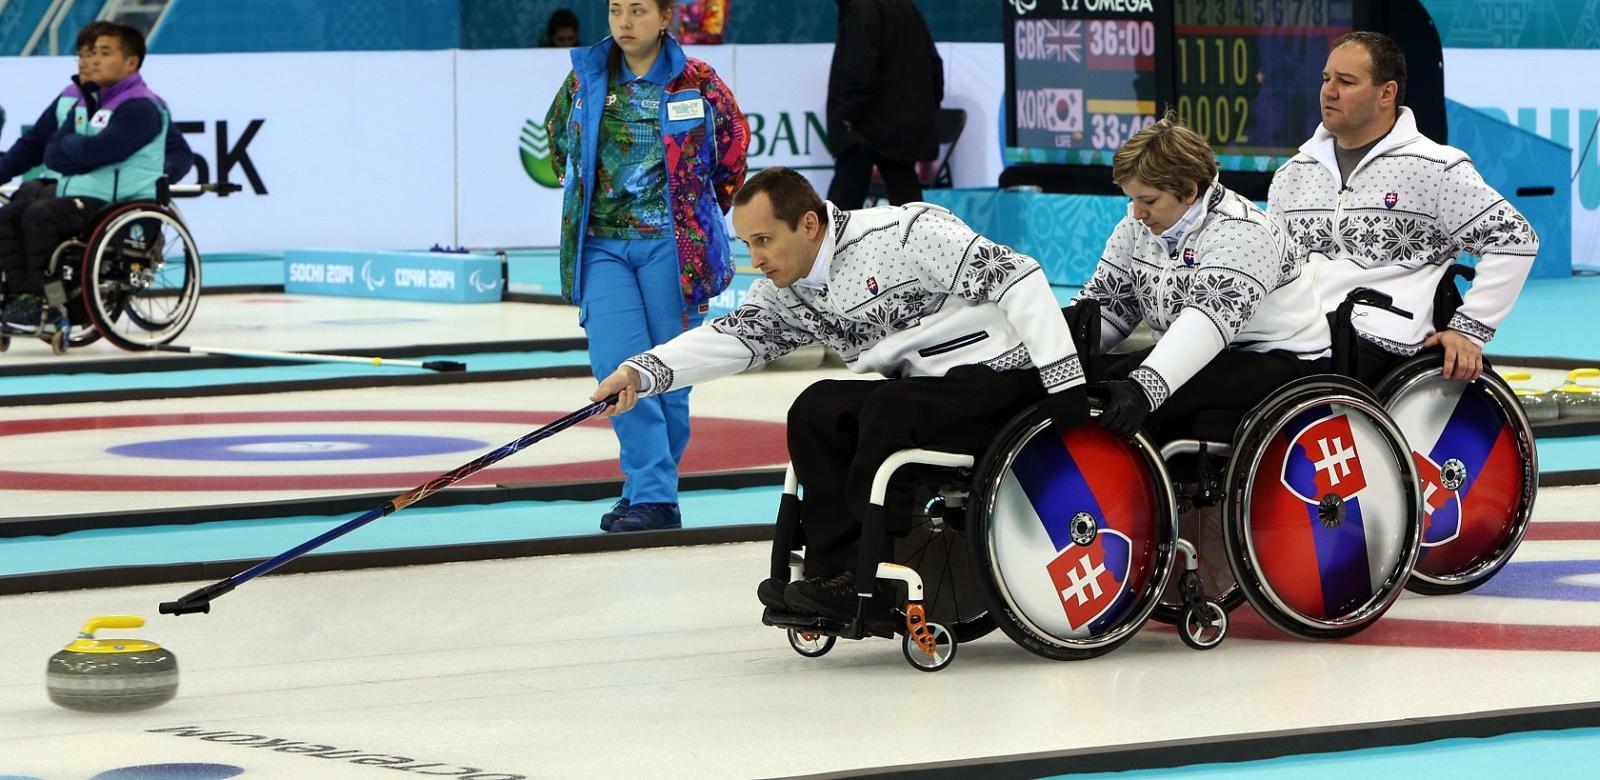 curling-033